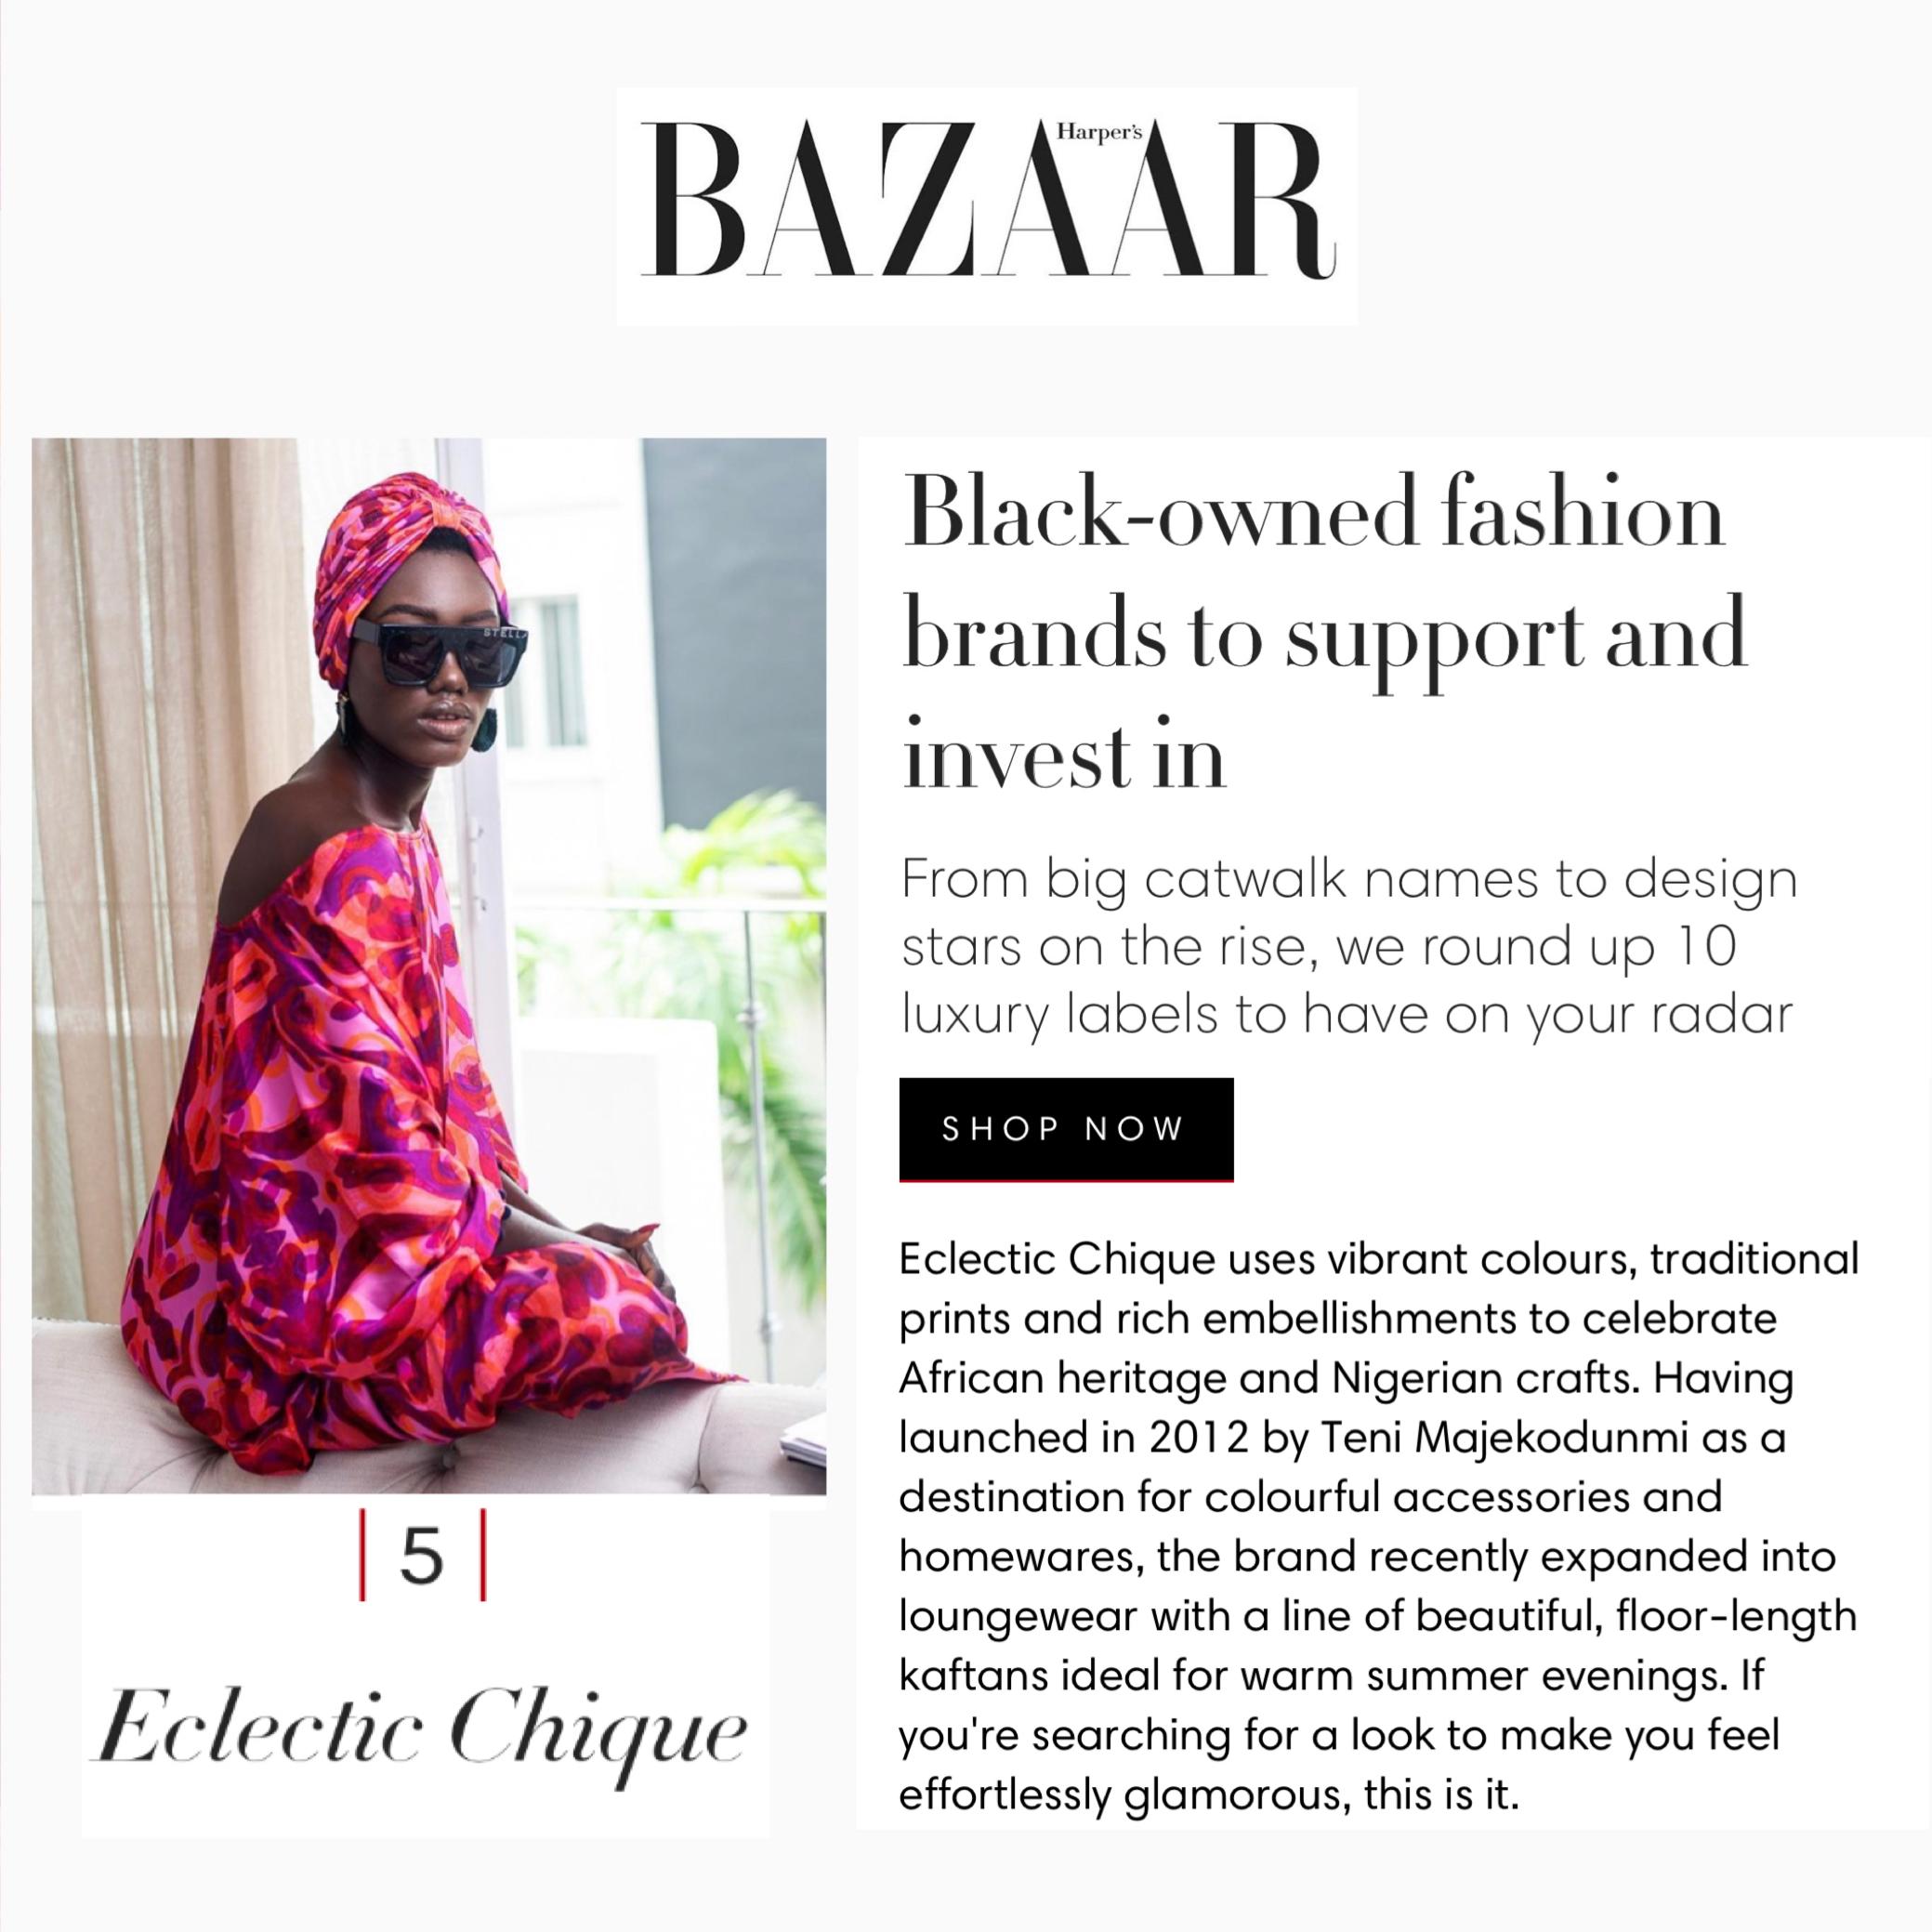 eclectic-chique-harpers-bazaar.png